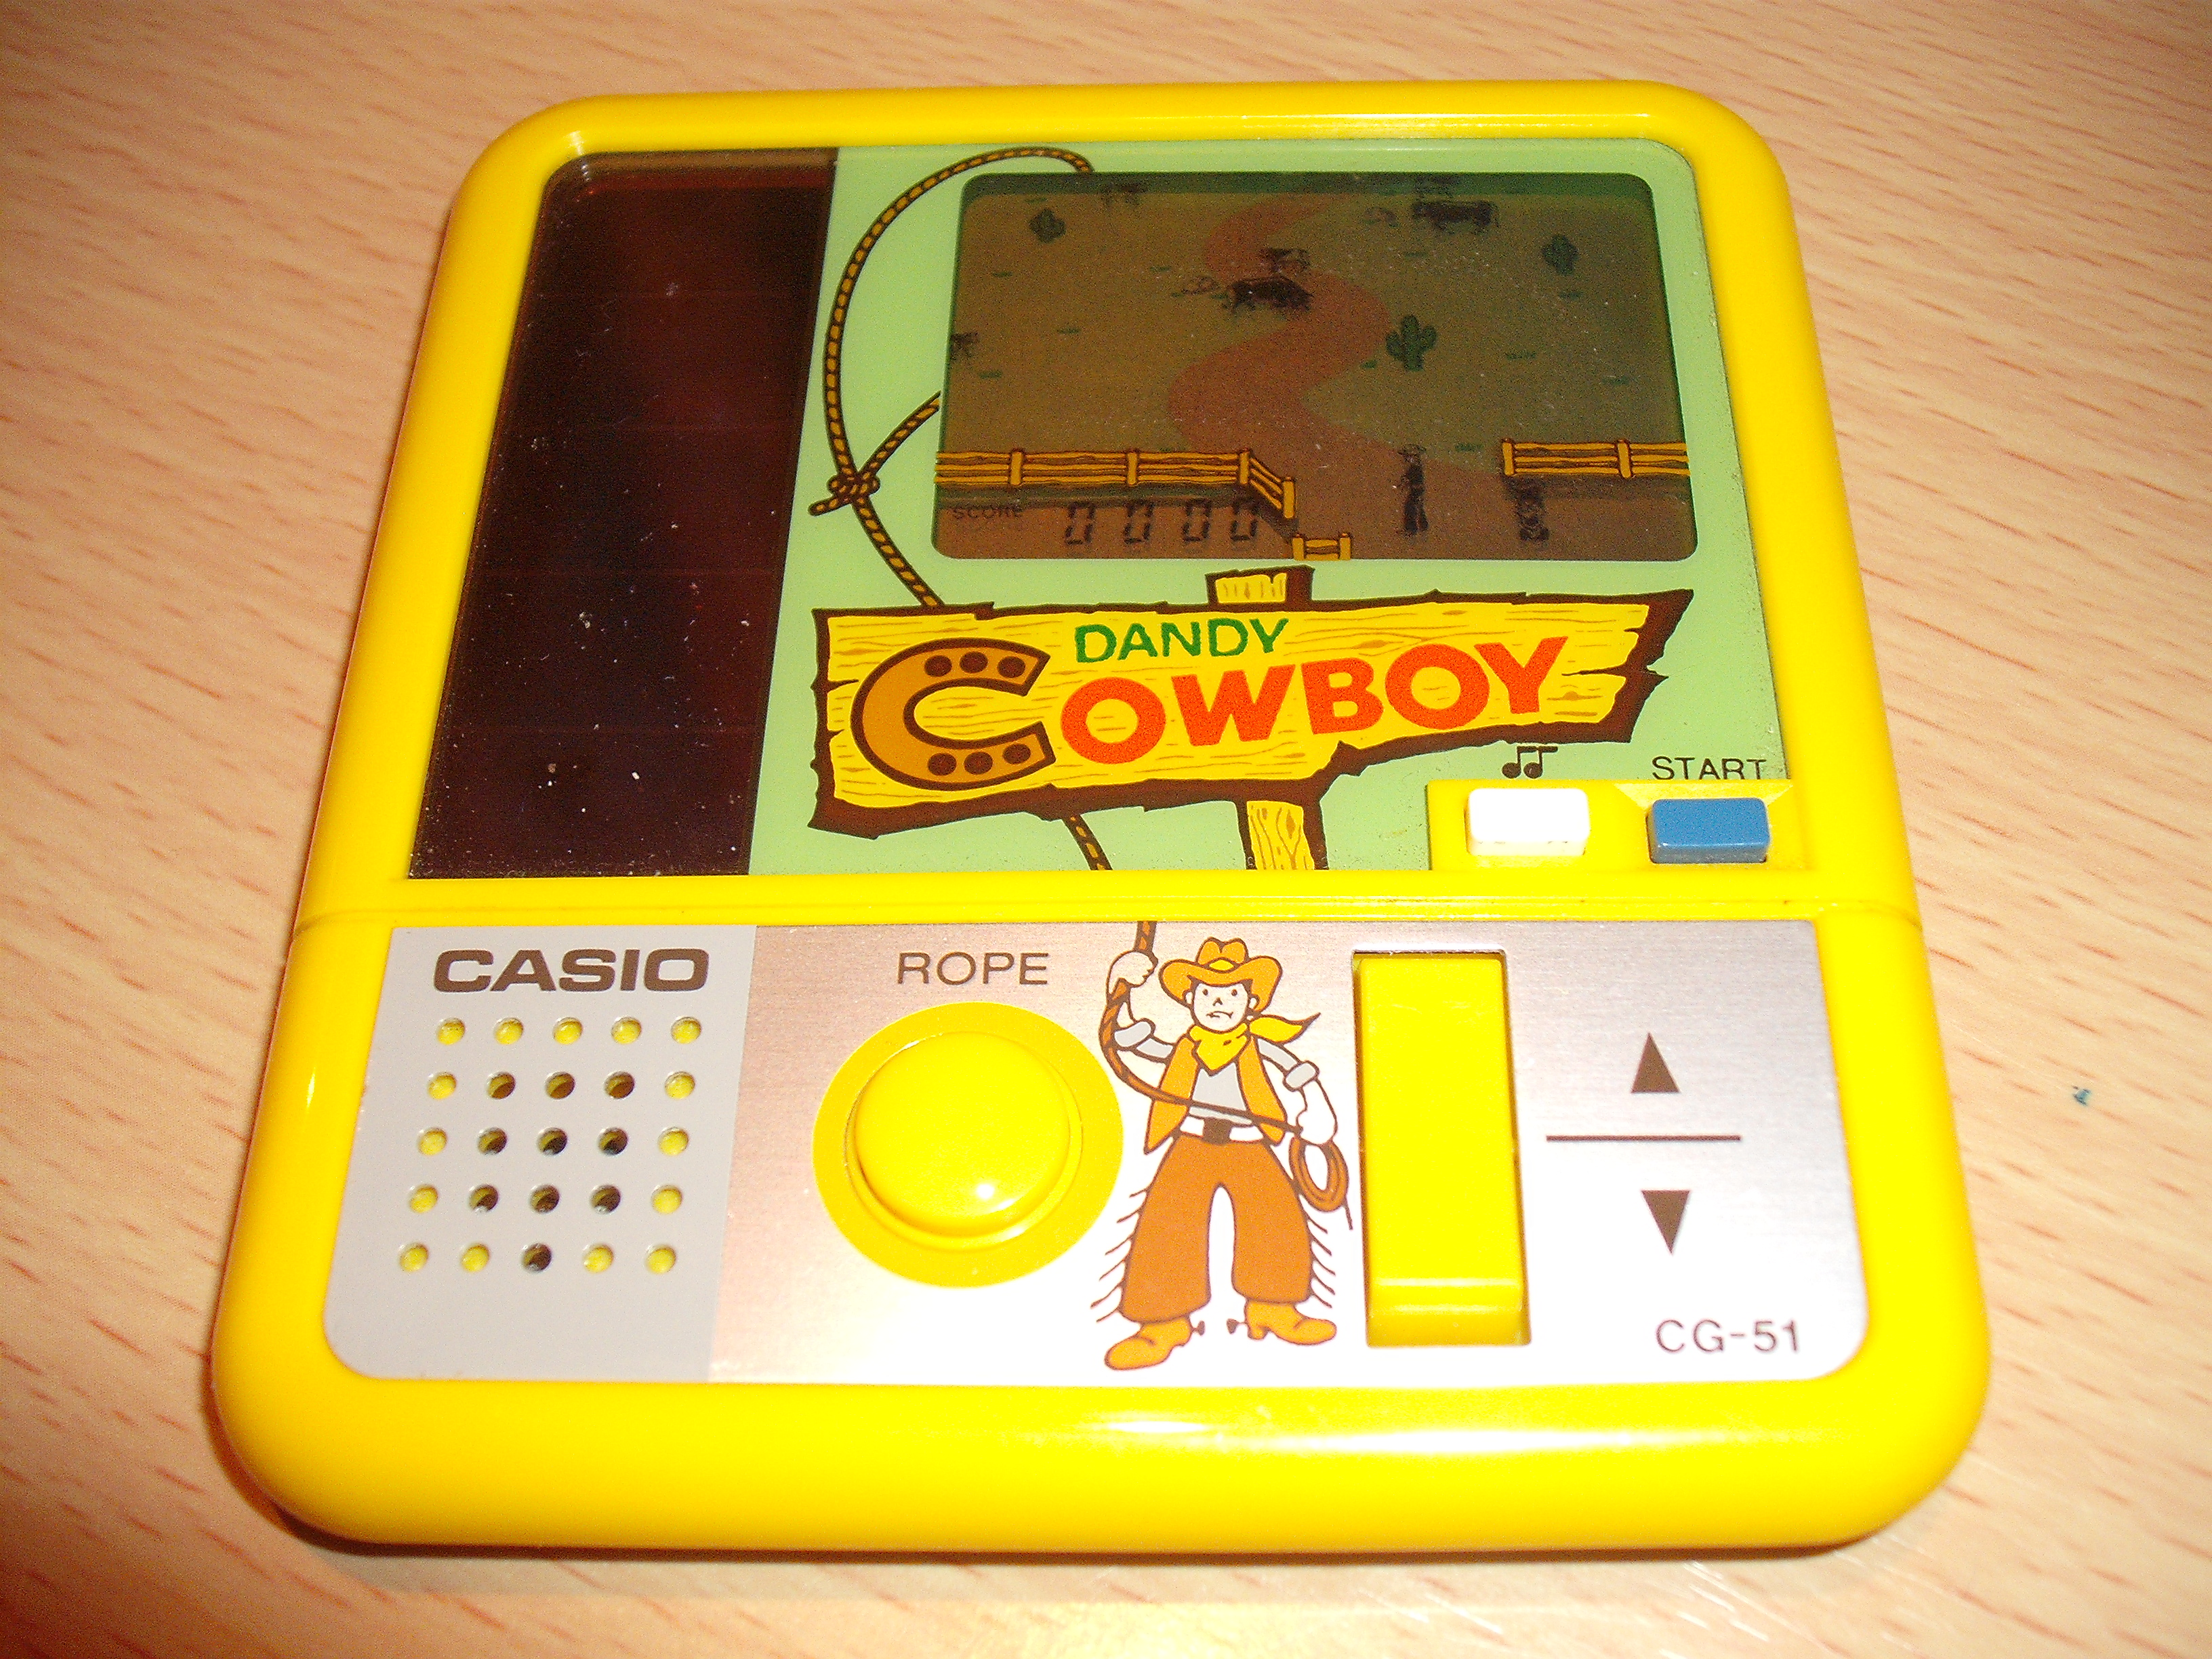 Cette pièce de collection dont je ne me séparerais JAMAIS !!! (mon précieeeeuux) 412_3192_1329509777001_Casio_Dandy_Cowboy